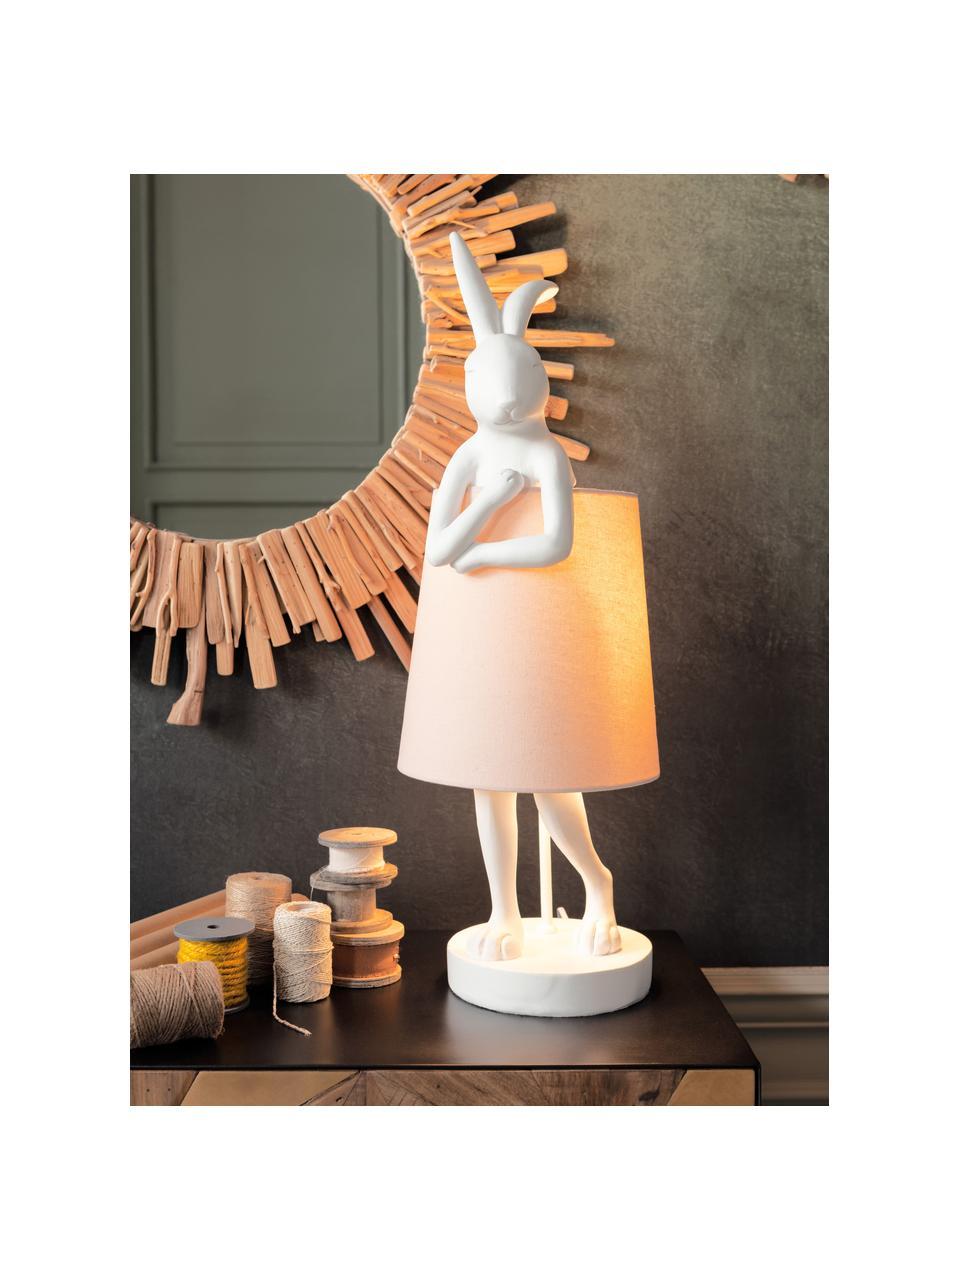 Grote design tafellamp Rabbit, Lampenkap: linnen, Lampvoet: polyresin, Stang: gepoedercoat staal, Wit, roze, Ø 23 x H 68 cm